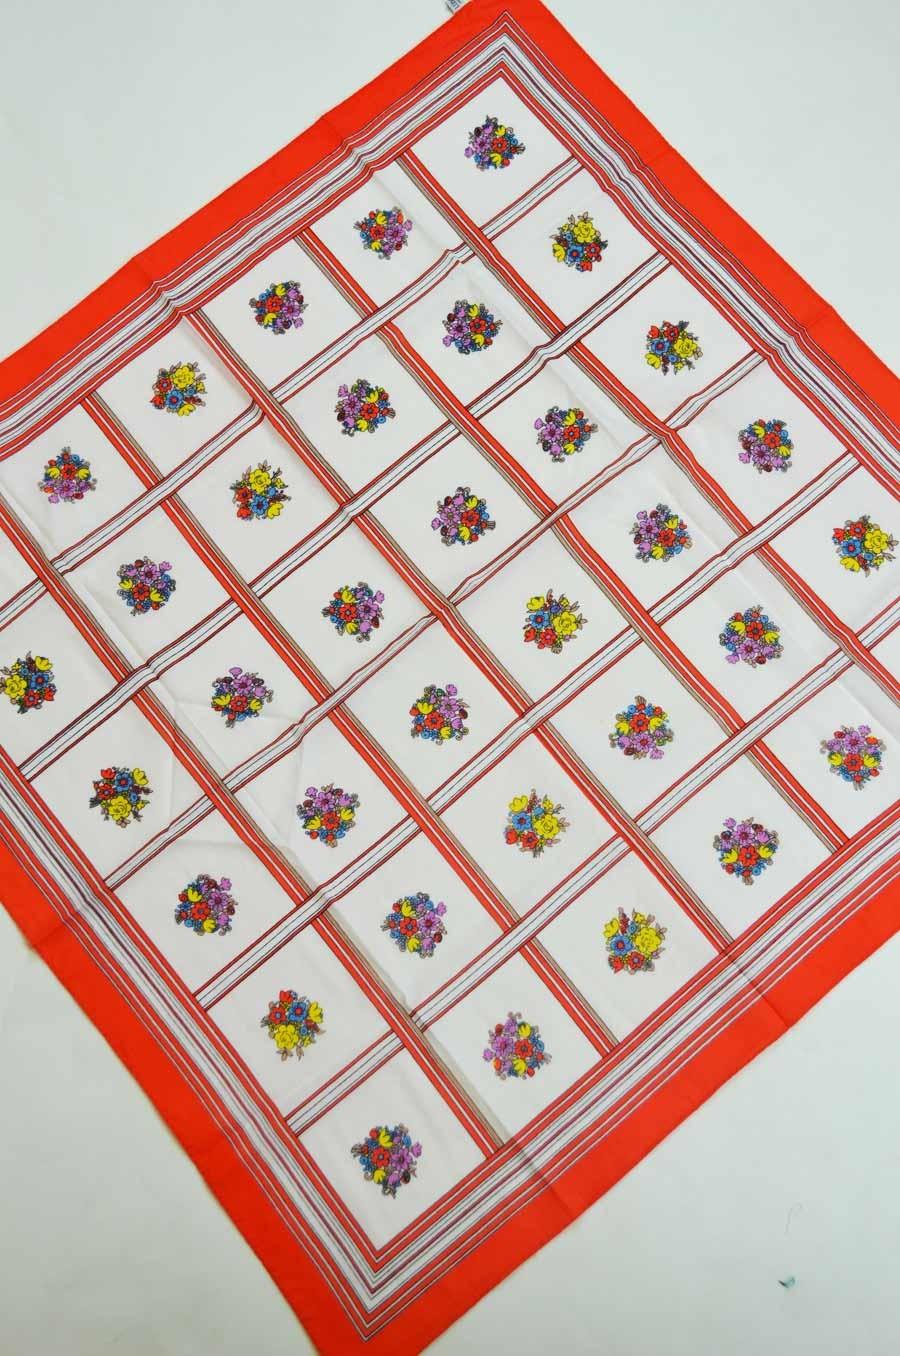 vintage-scarf-liberty-orange-ivory-stripes-floral-squares-front